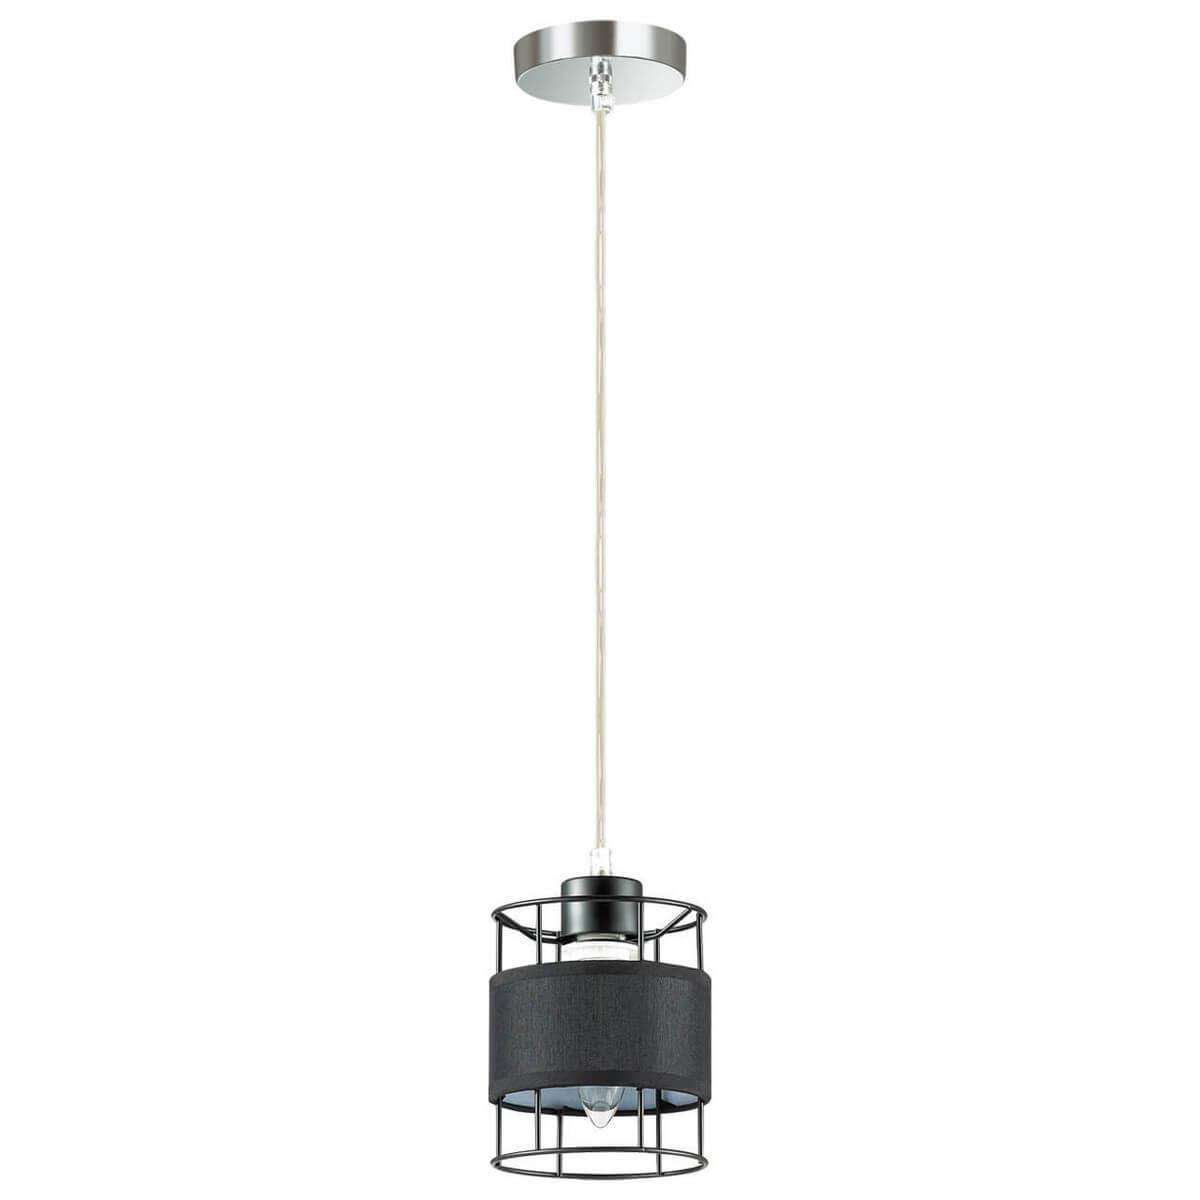 Подвесной светильник Lumion 3664/1, E14, 60 Вт lumion подвесной светильник lumion claire 3714 1